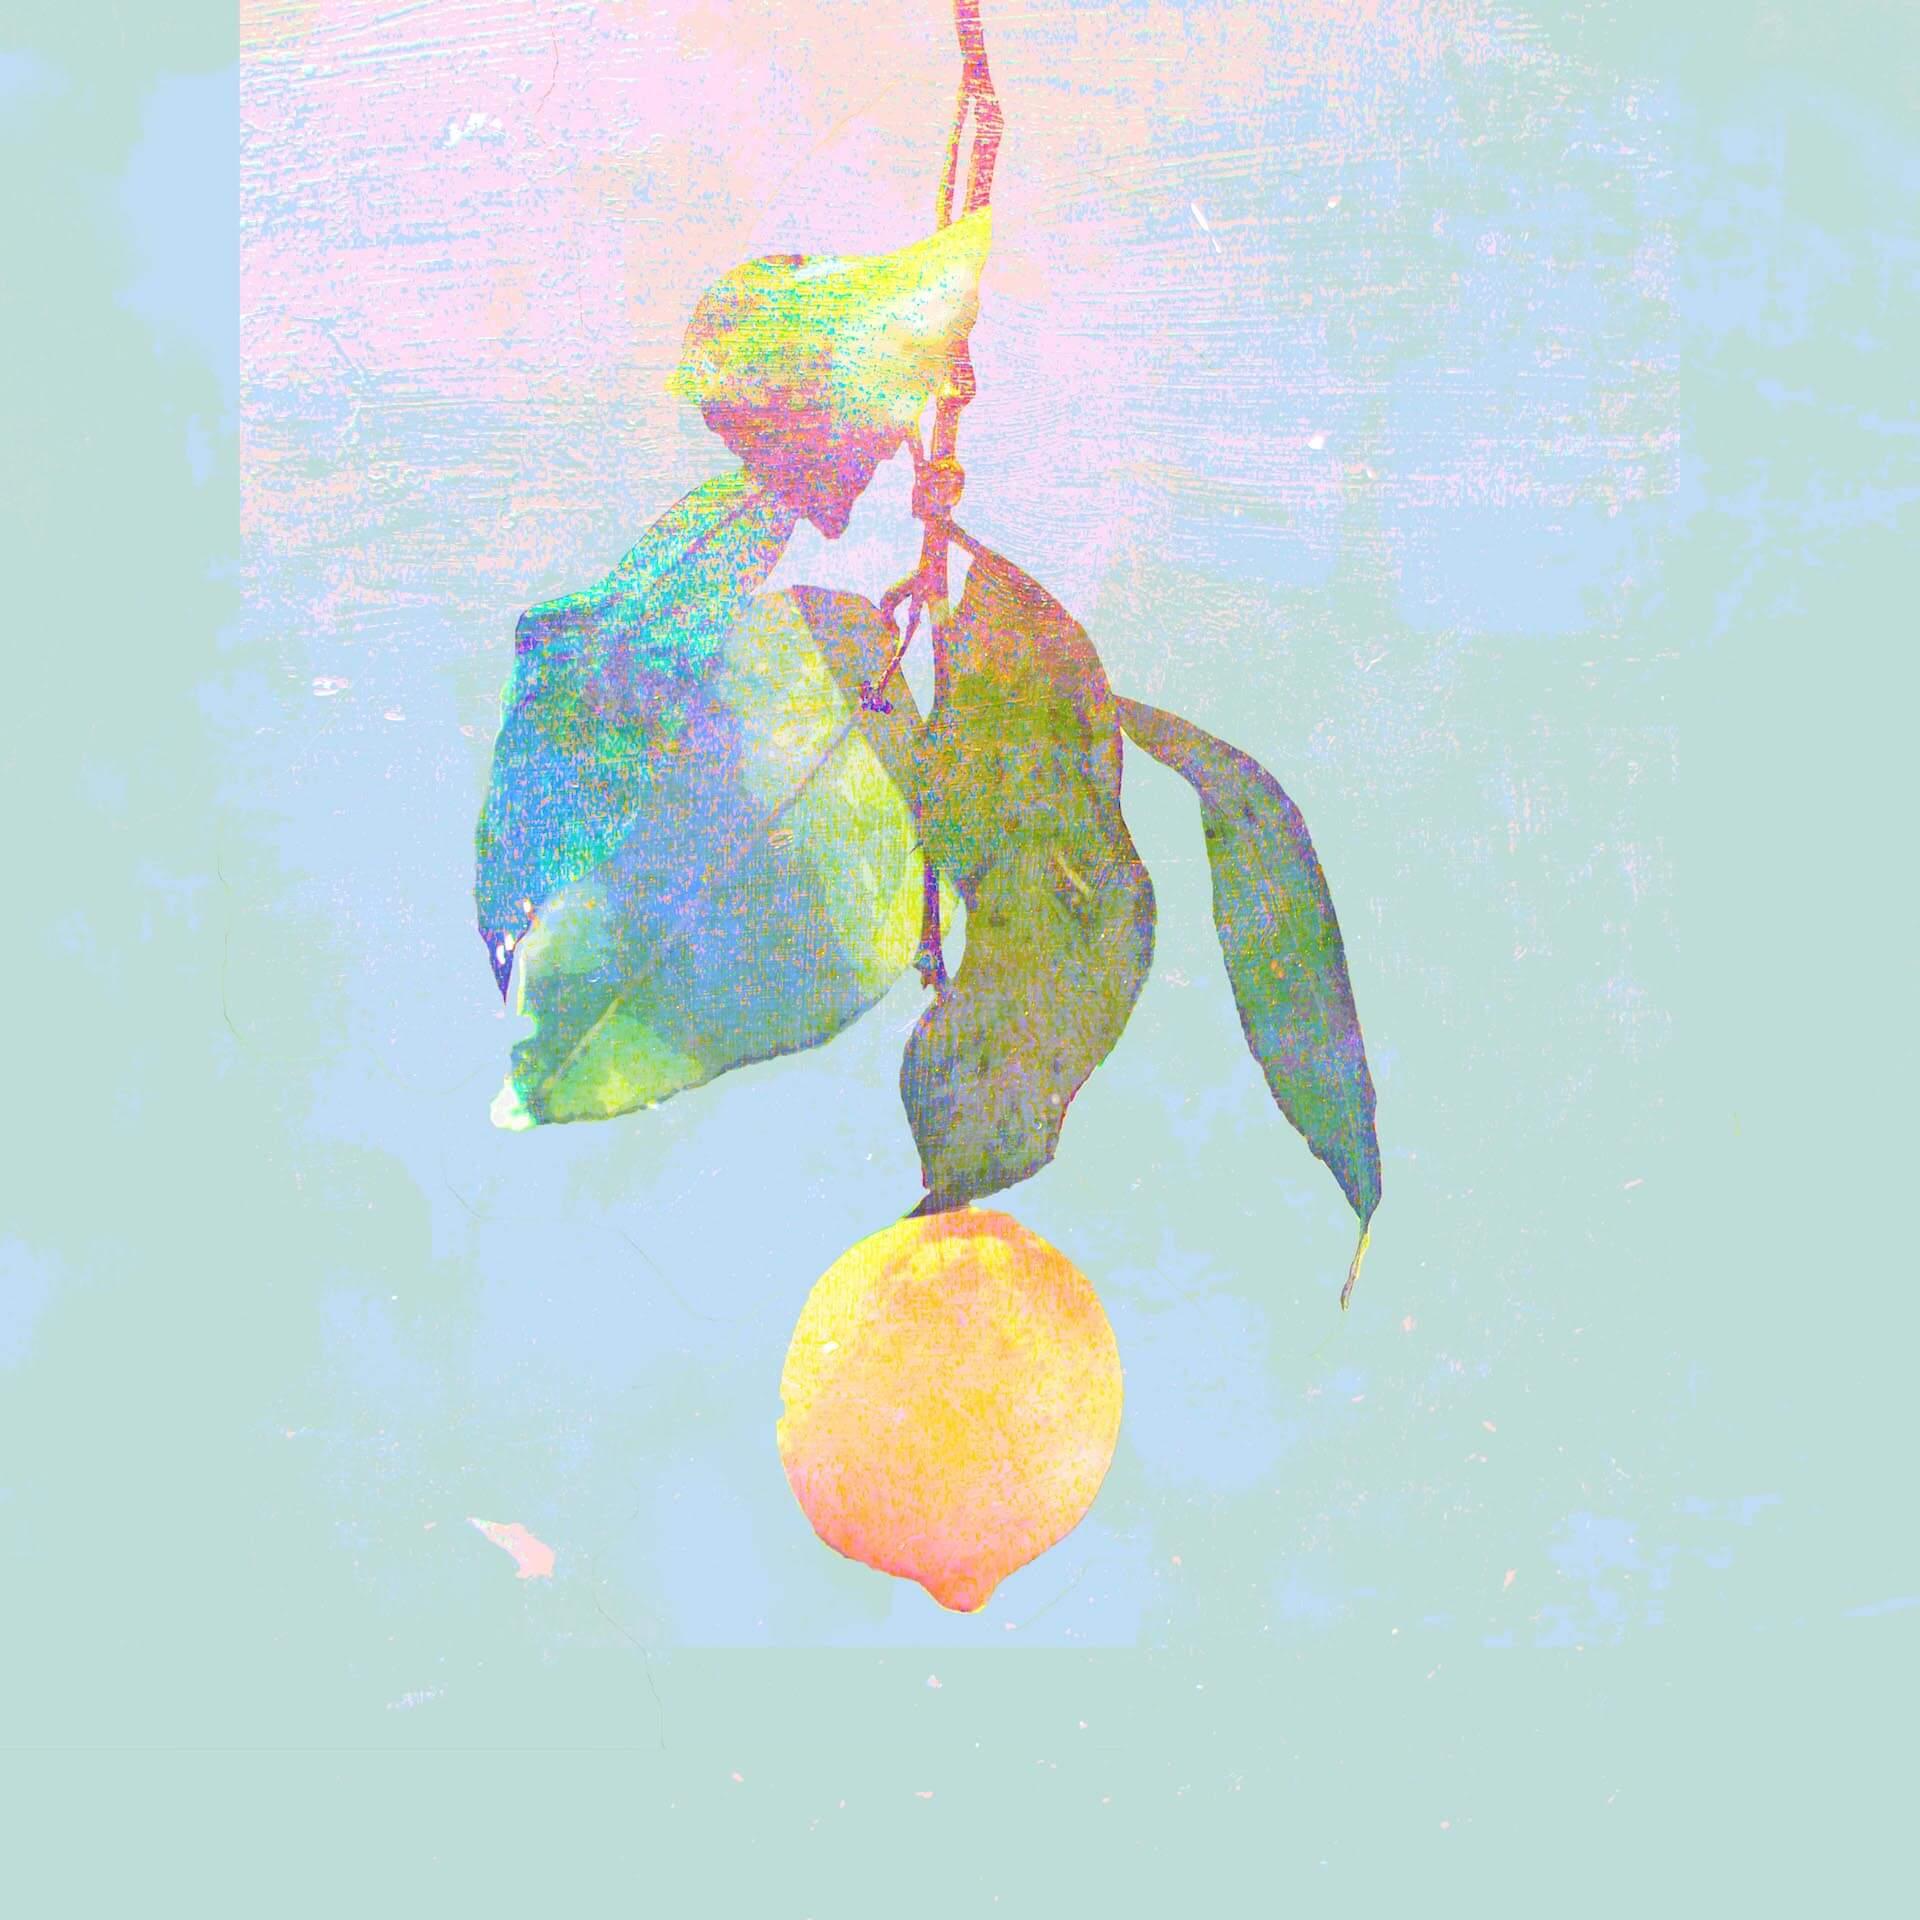 """米津玄師""""Lemon""""が新たな快挙を達成!JASRAC賞金賞を受賞「想像もつかない広いところまで届くような曲に」 music200520_yonezukenshi_lemon_1"""